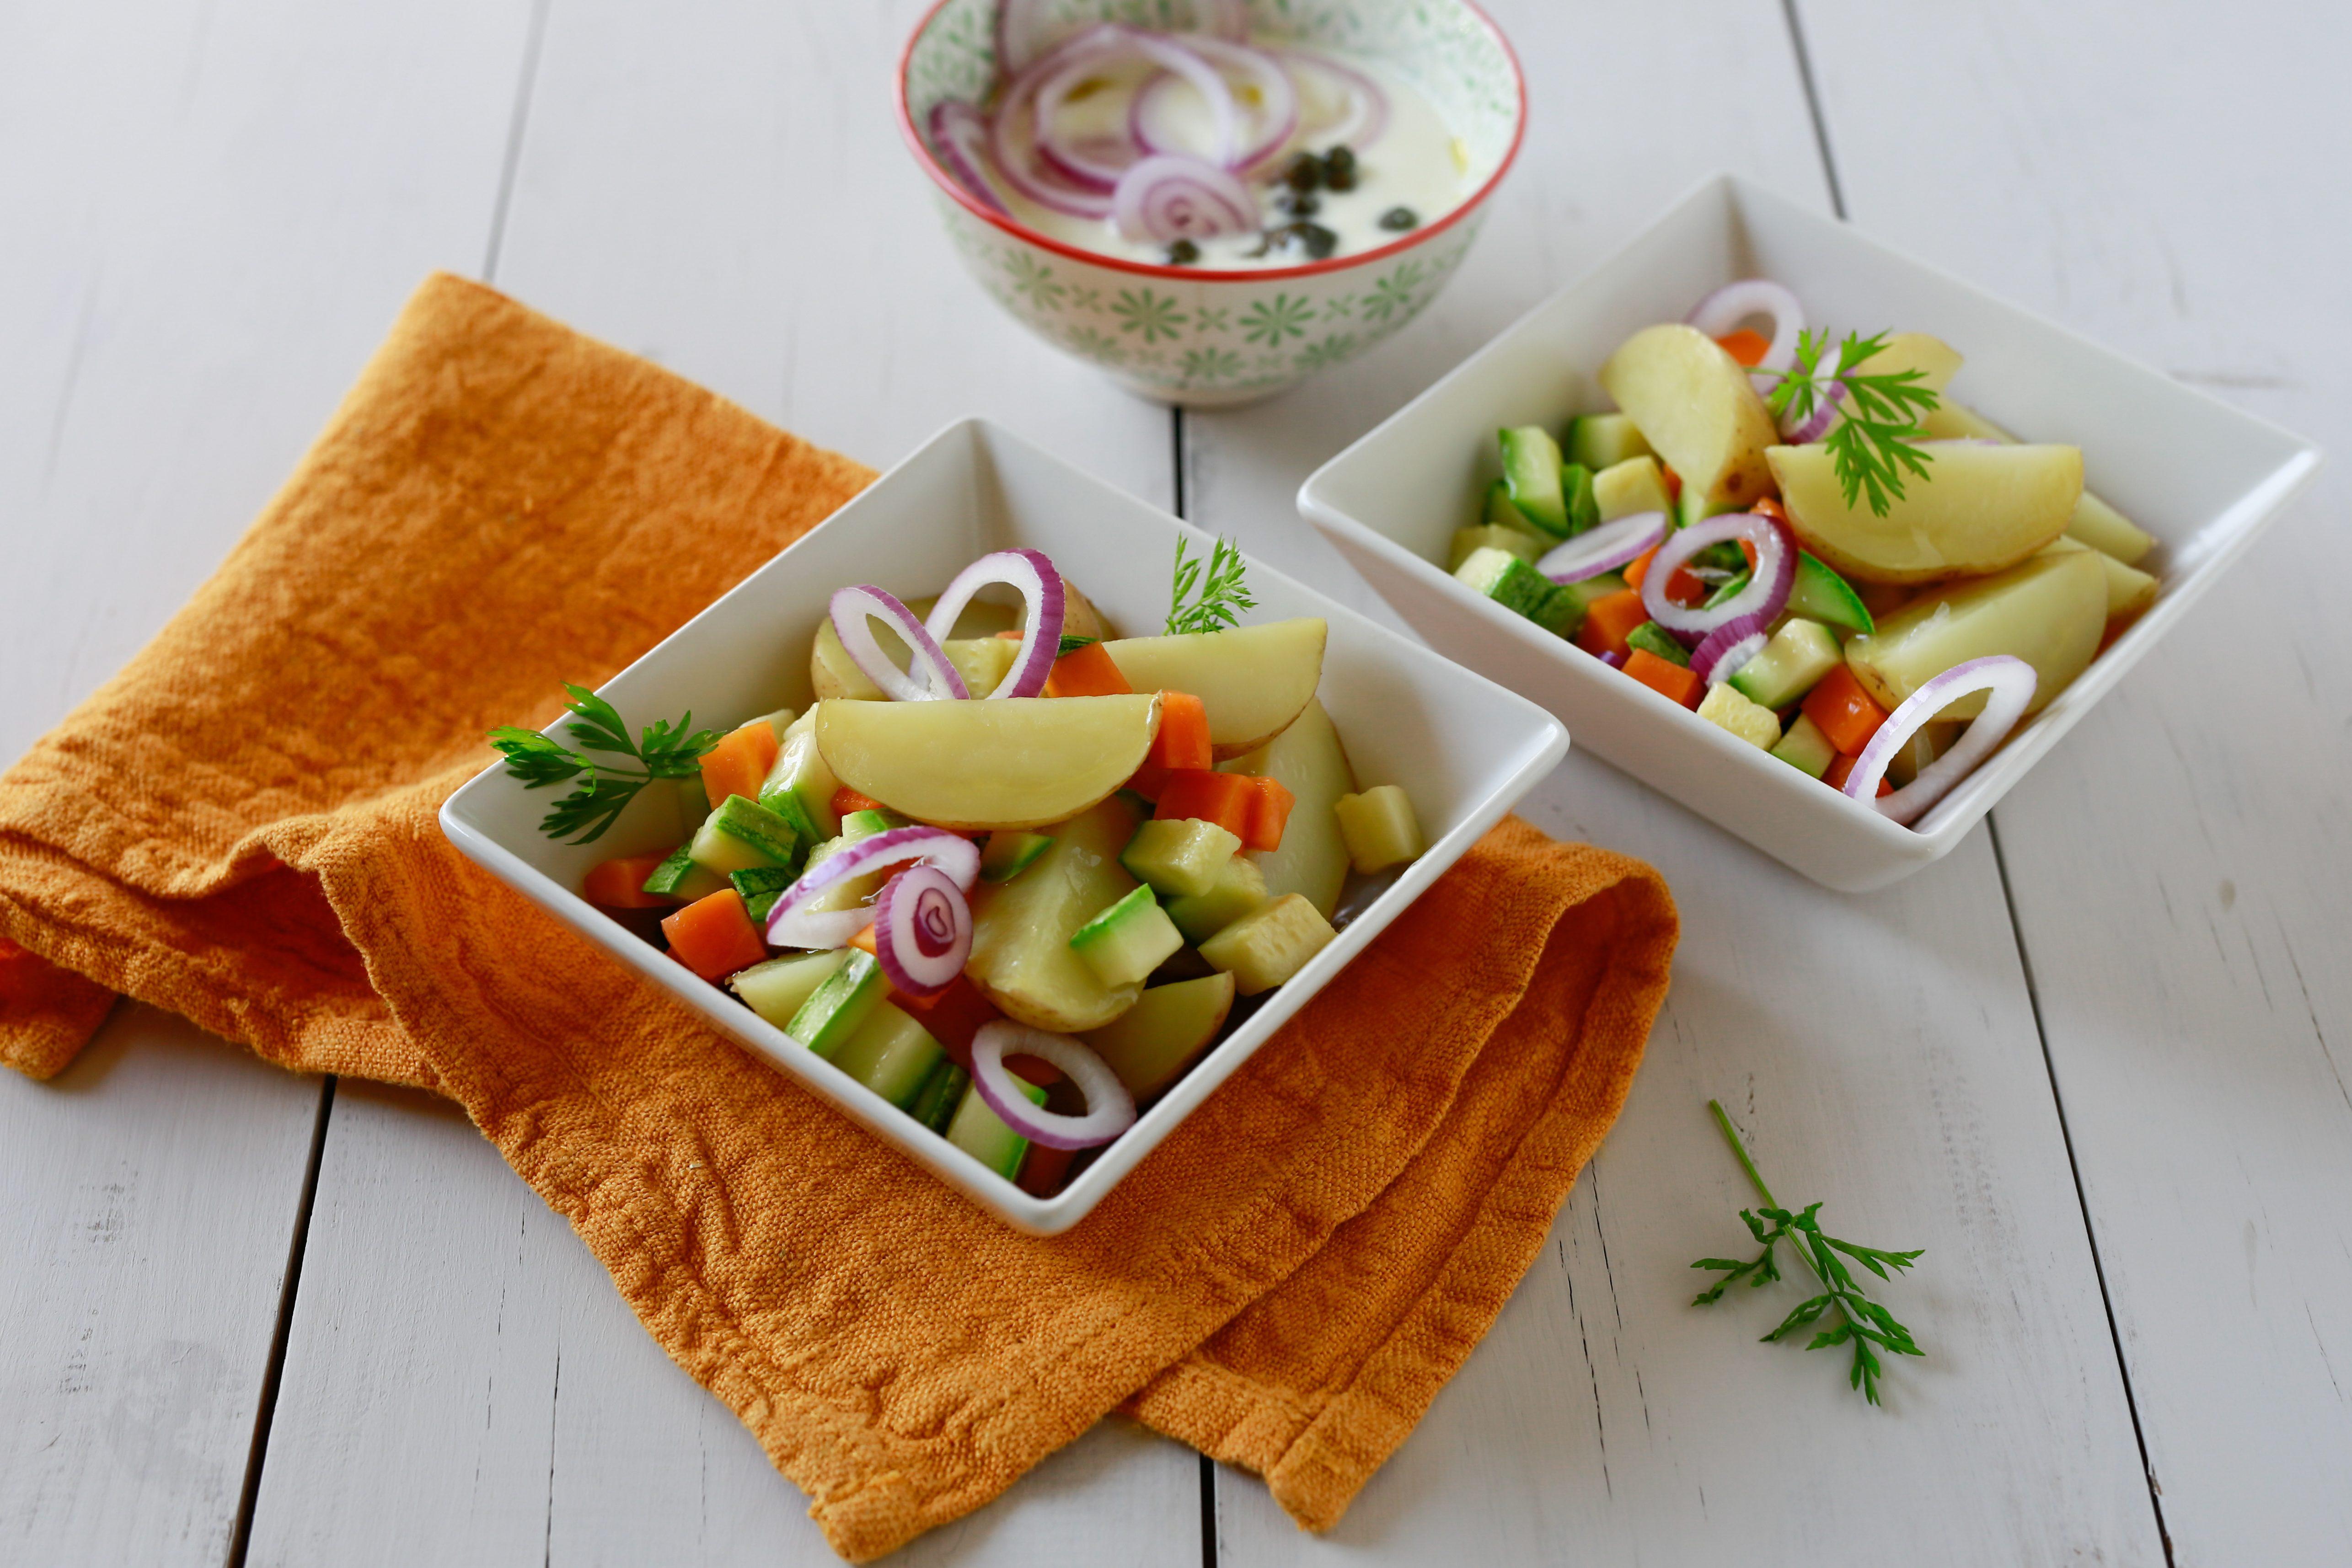 Insalata di patate e zucchine: la ricetta del piatto fresco e invitante